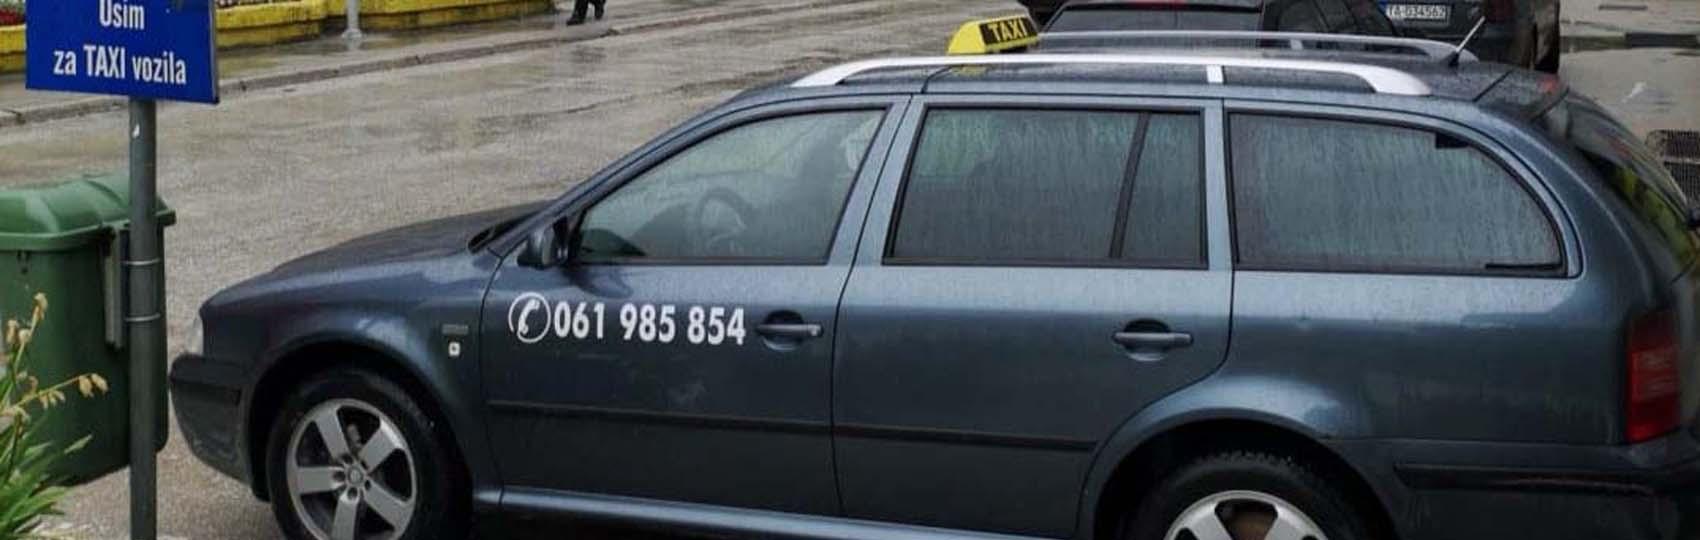 Noticias del sector del taxi y la movilidad en Serbia. Mantente informado de todas las noticias del taxi de Serbia en el grupo de Facebook de Todo Taxi.